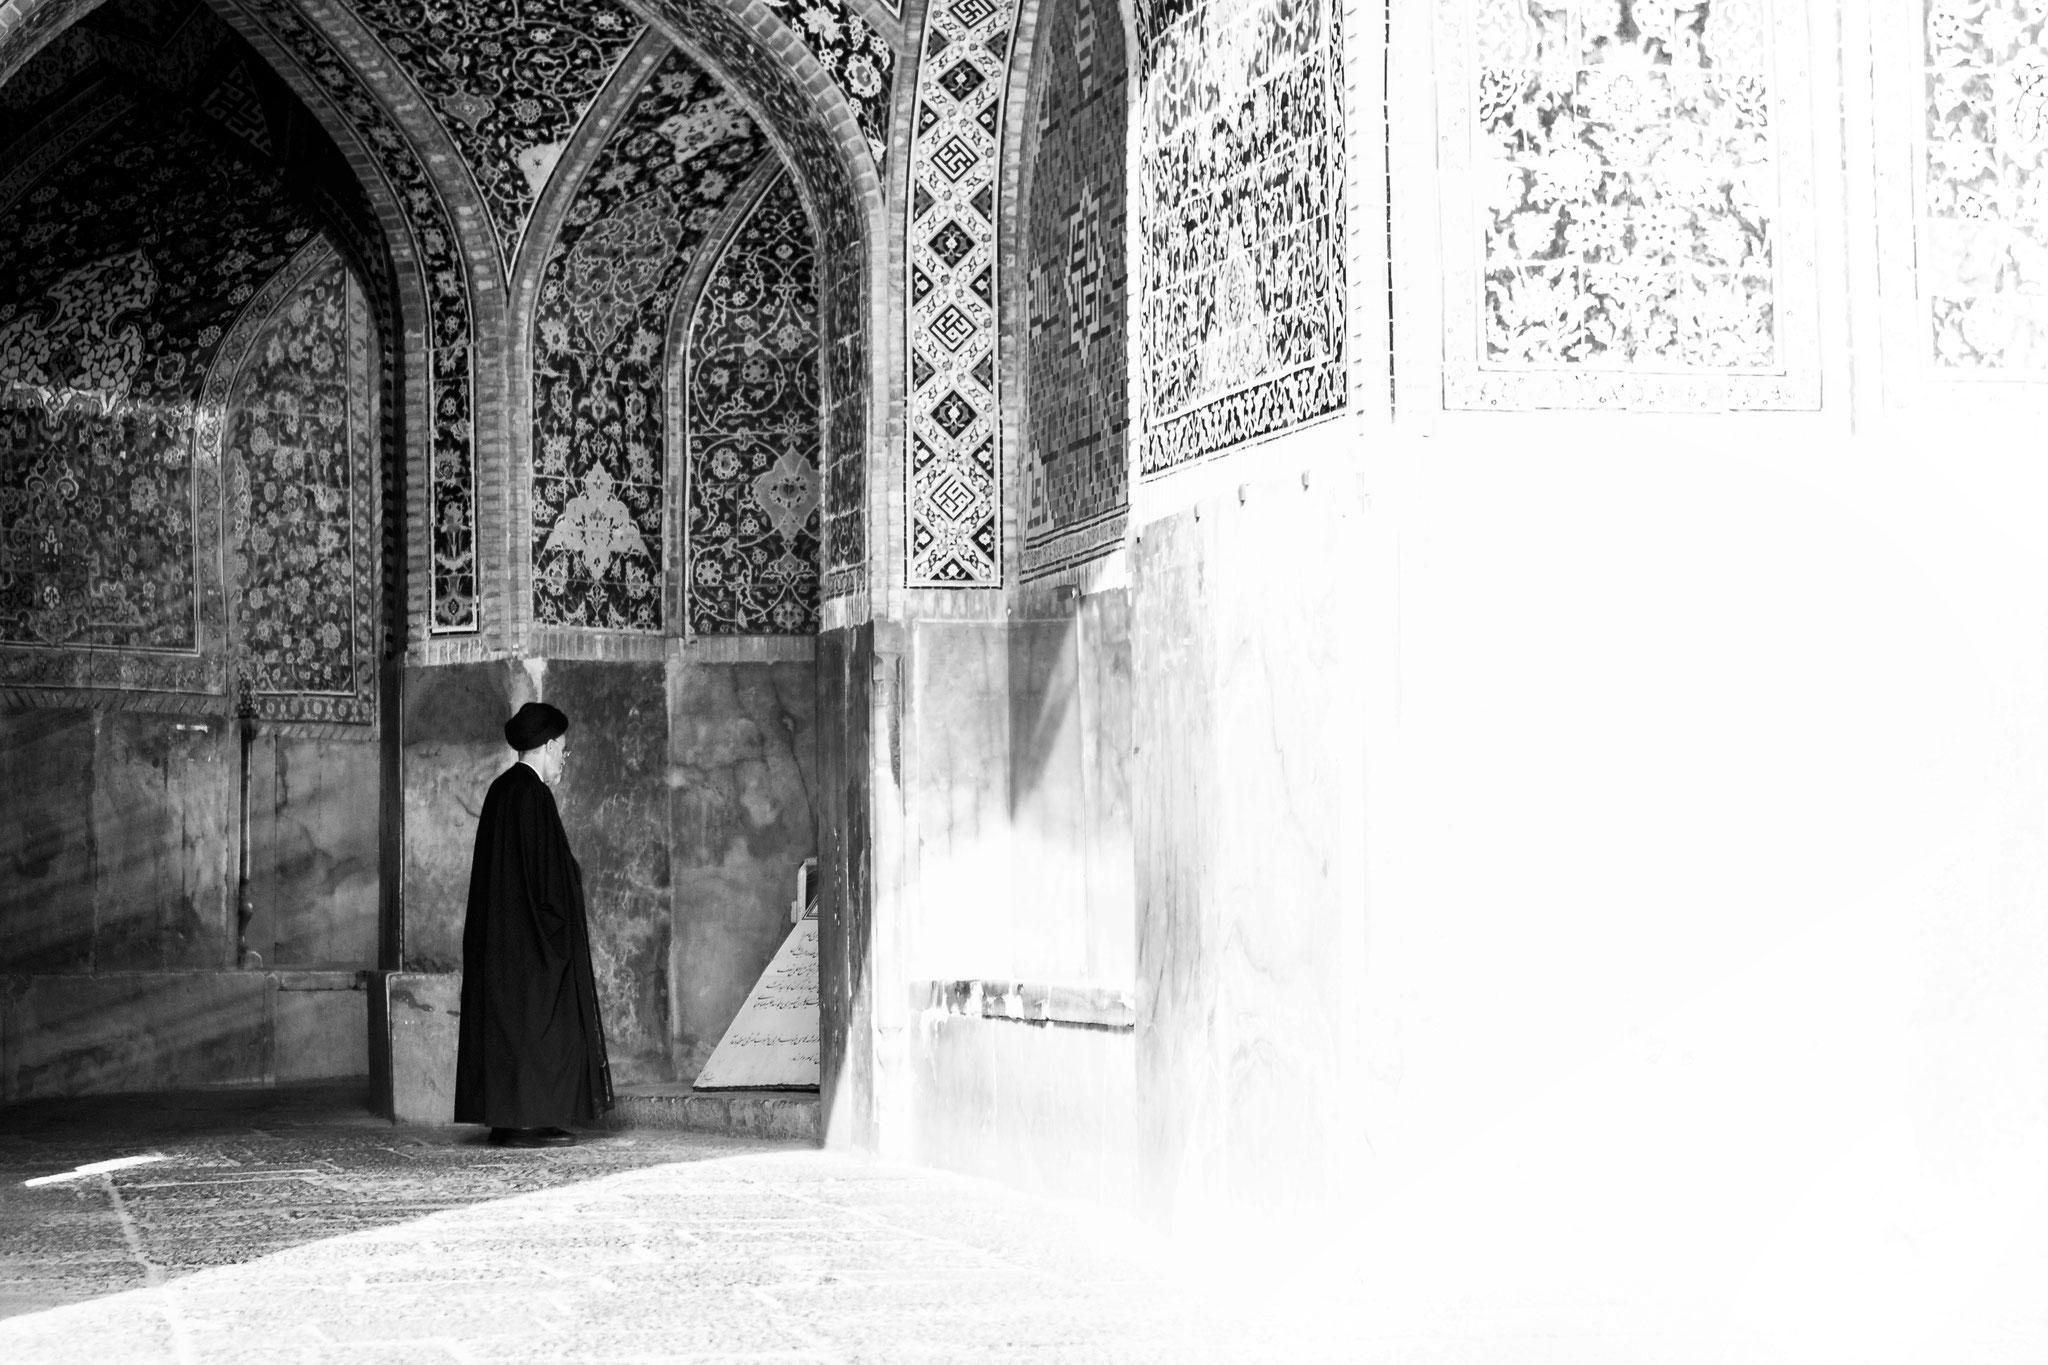 Esfahan - Iran © 2017 Nik Schwald.